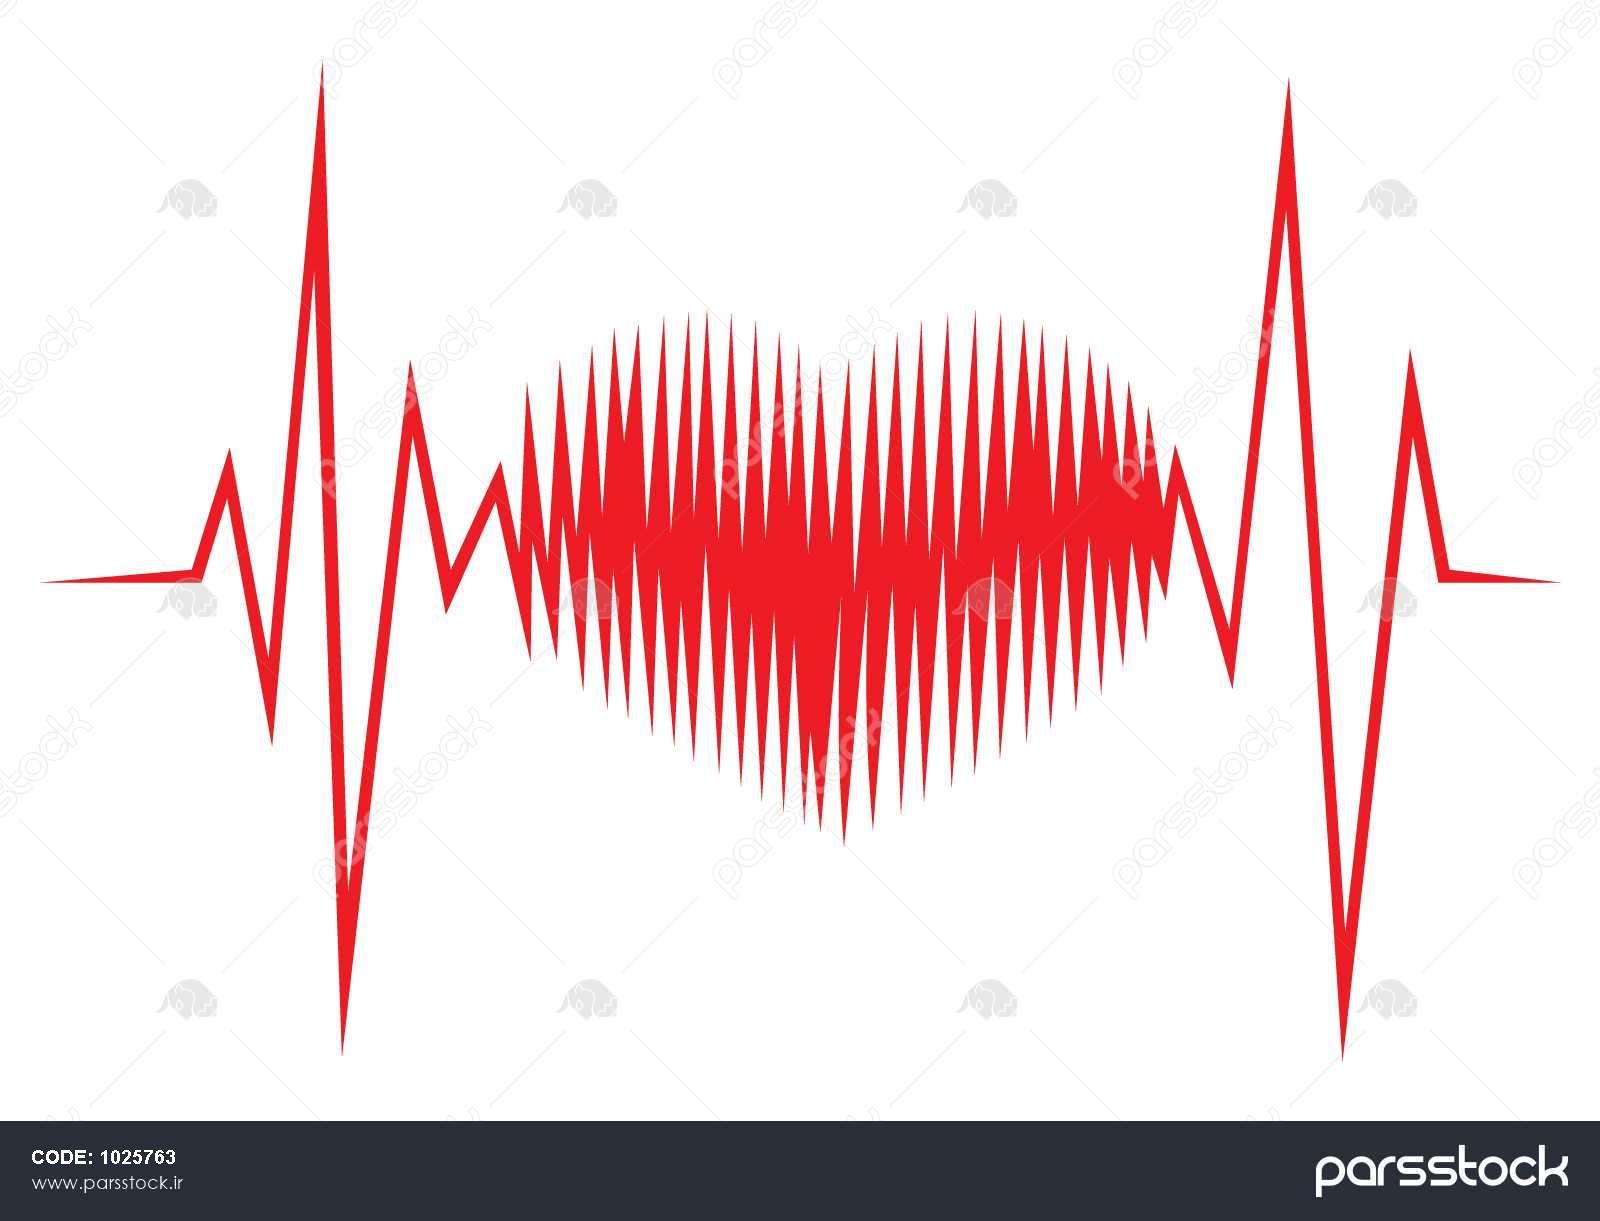 شکل قلب خط Ecg وکتور لایه باز 1025763 پارس استاک شاتر استوک پارسی